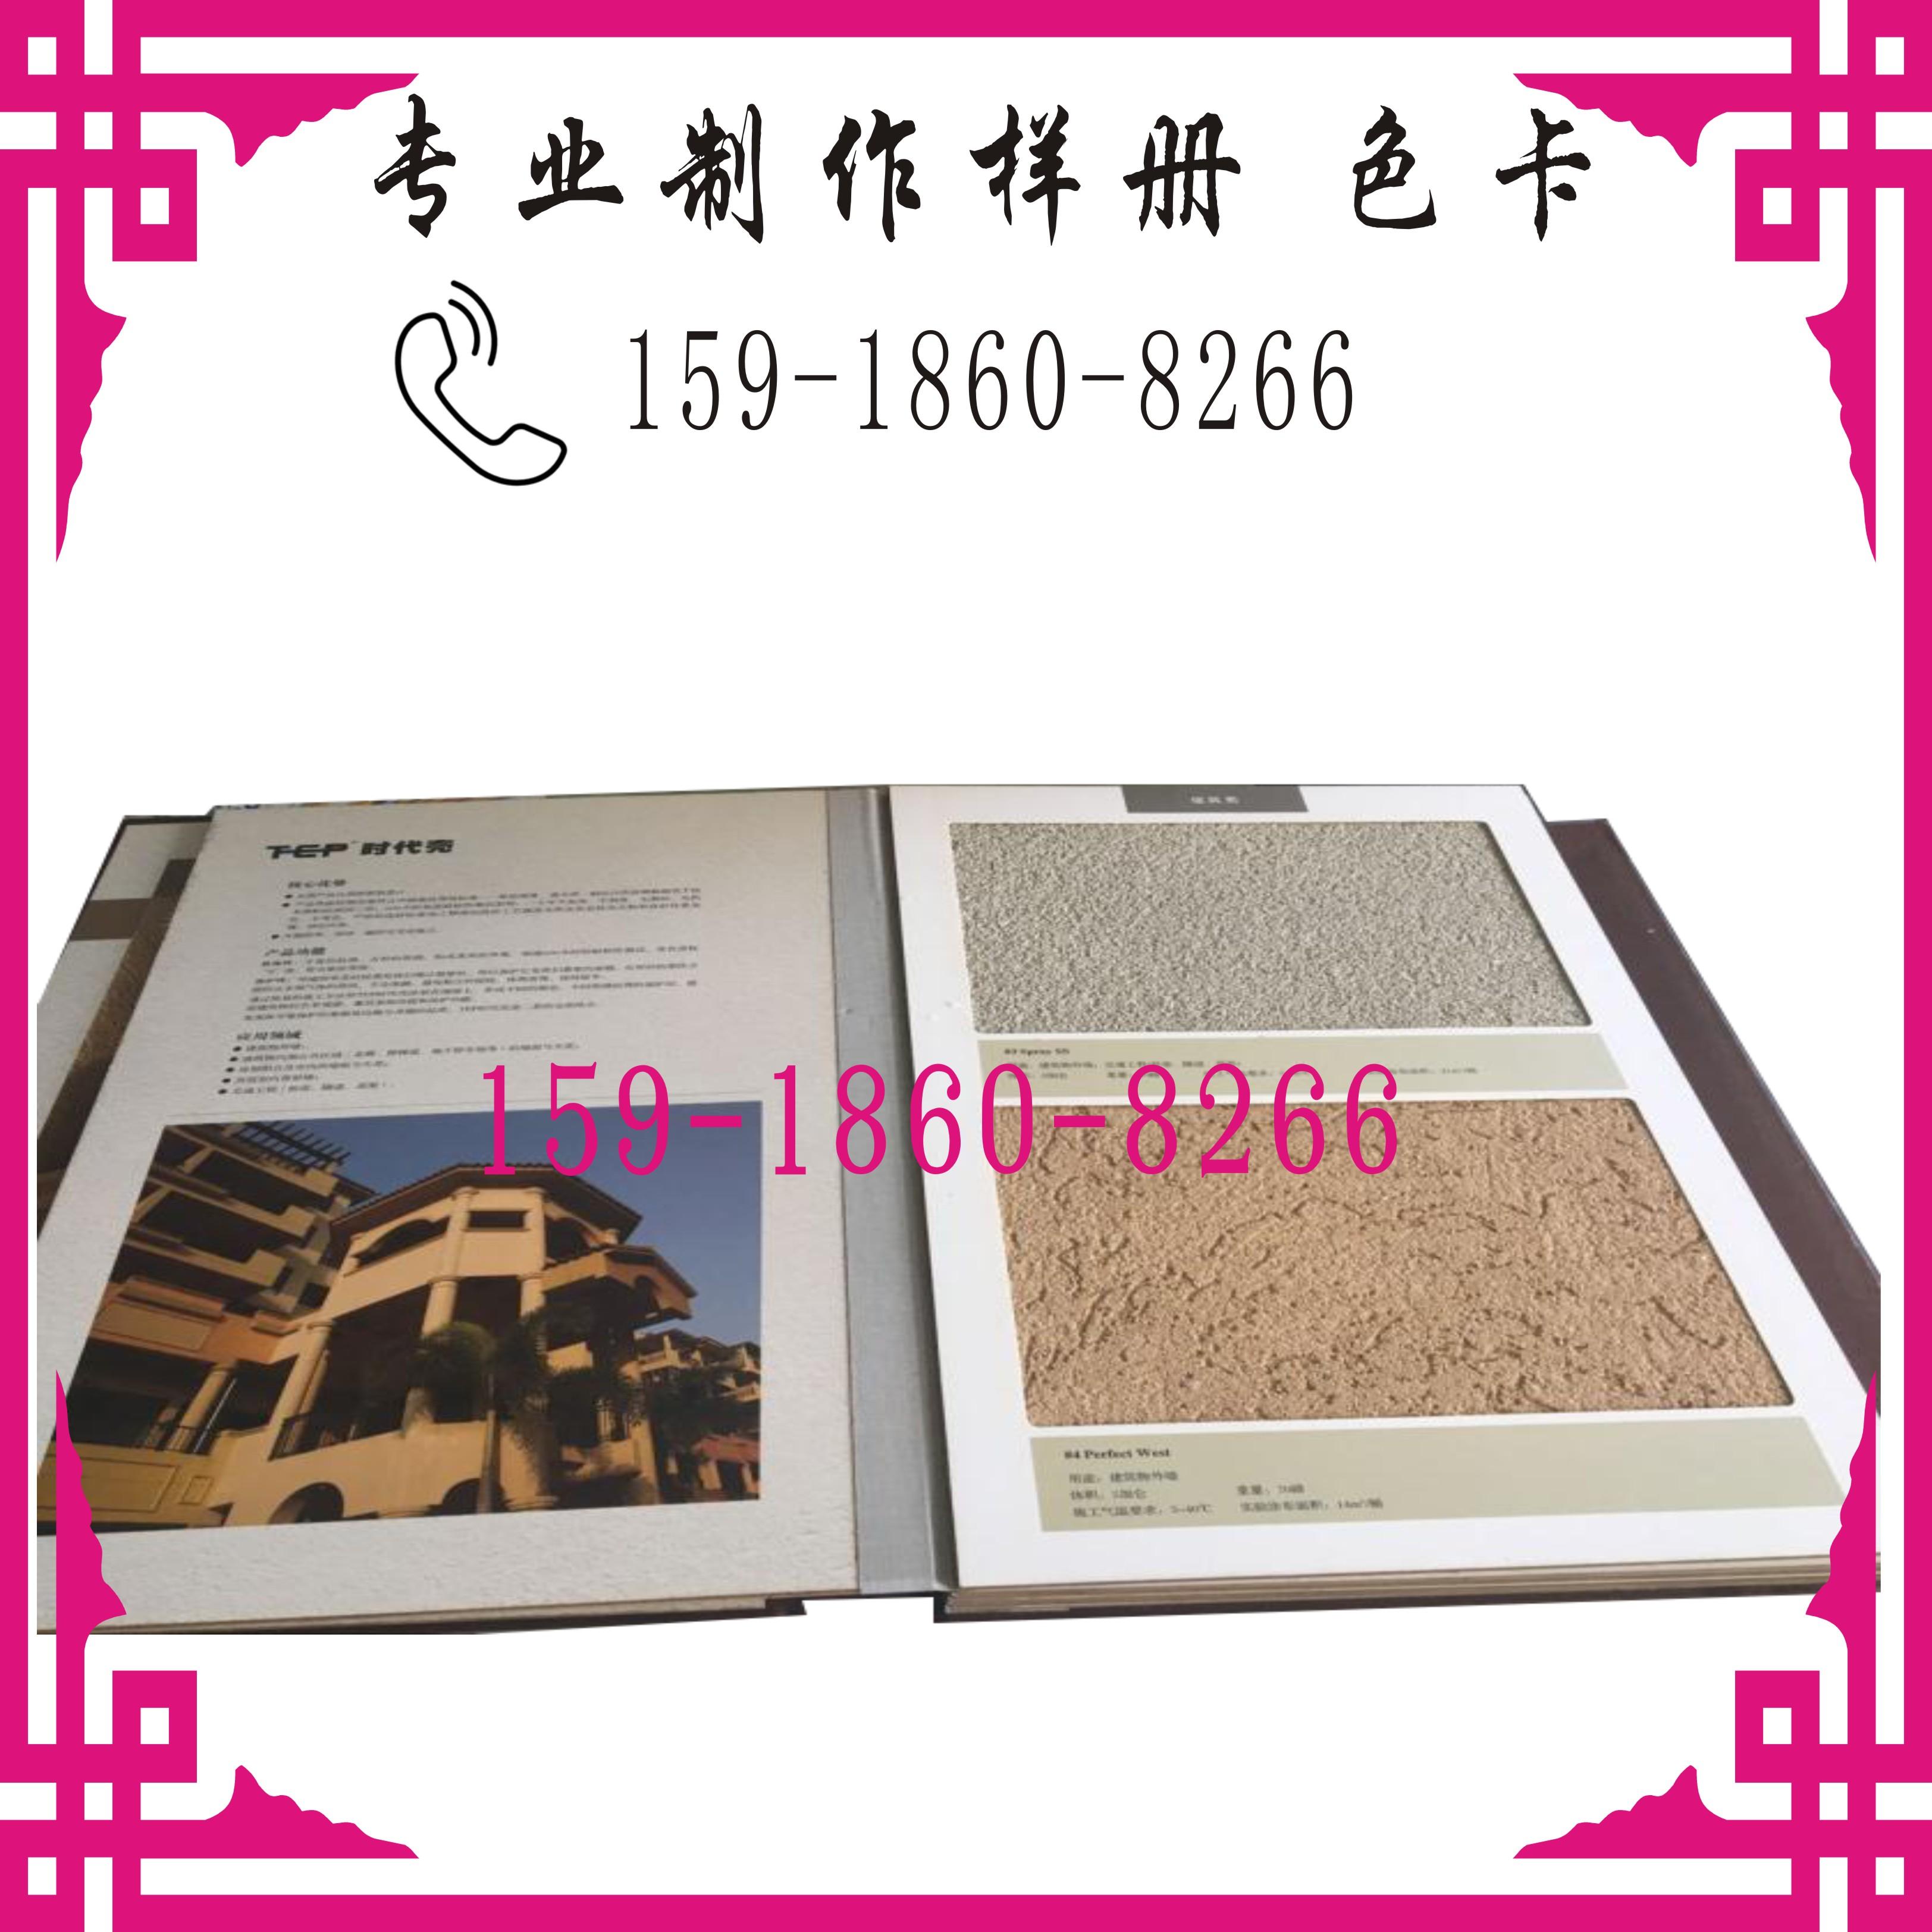 Placa de aluminio muestra ejemplares de todo tipo de productos de las hojas de la carpeta Atlas mosaico de madera ecológica